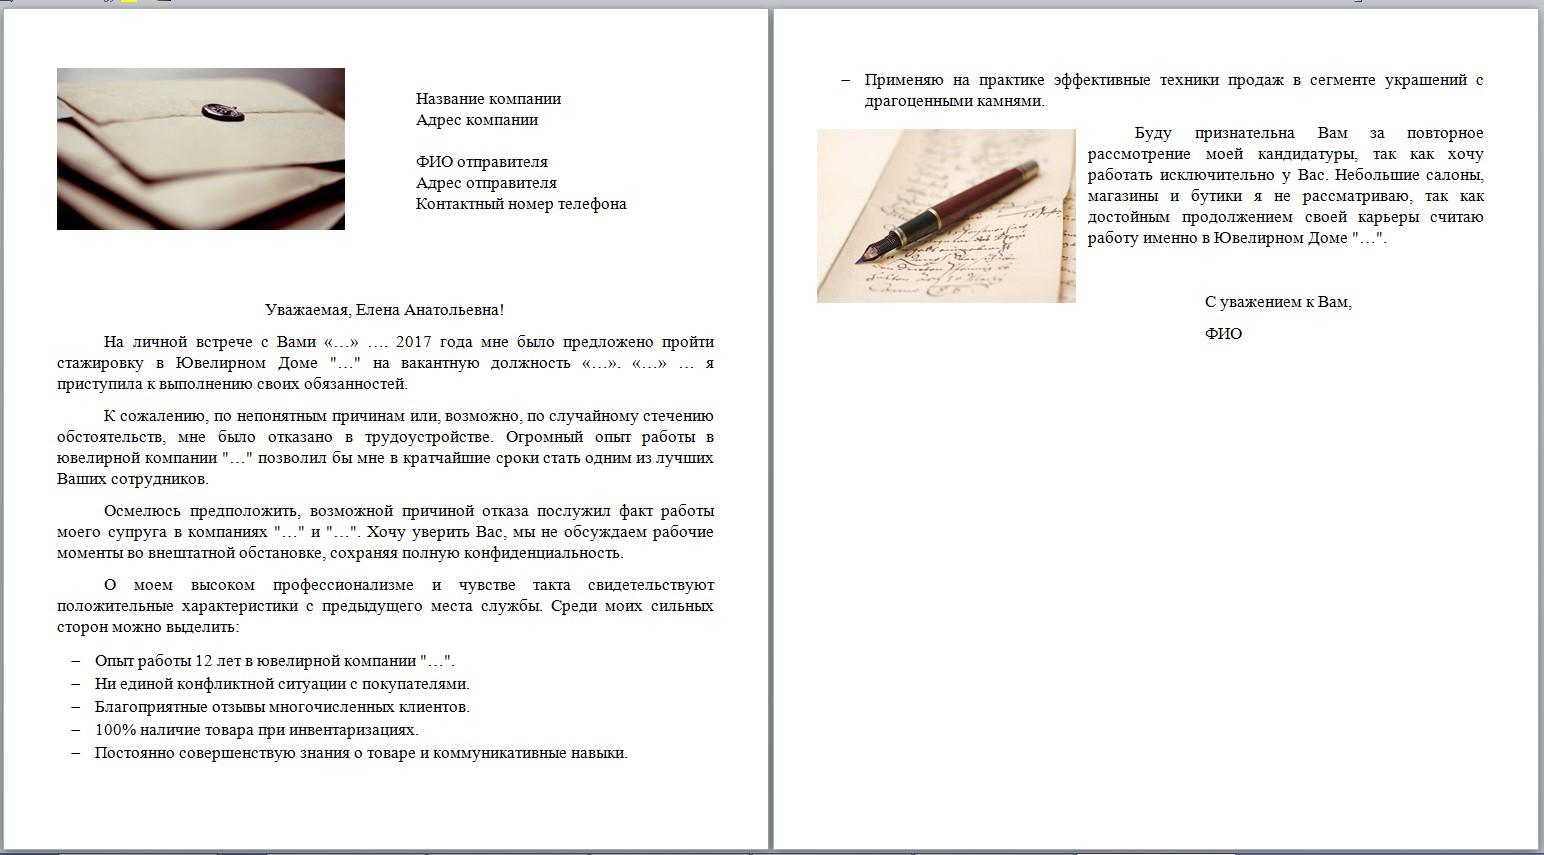 Неофициальное письмо директору компании о трудоустройстве